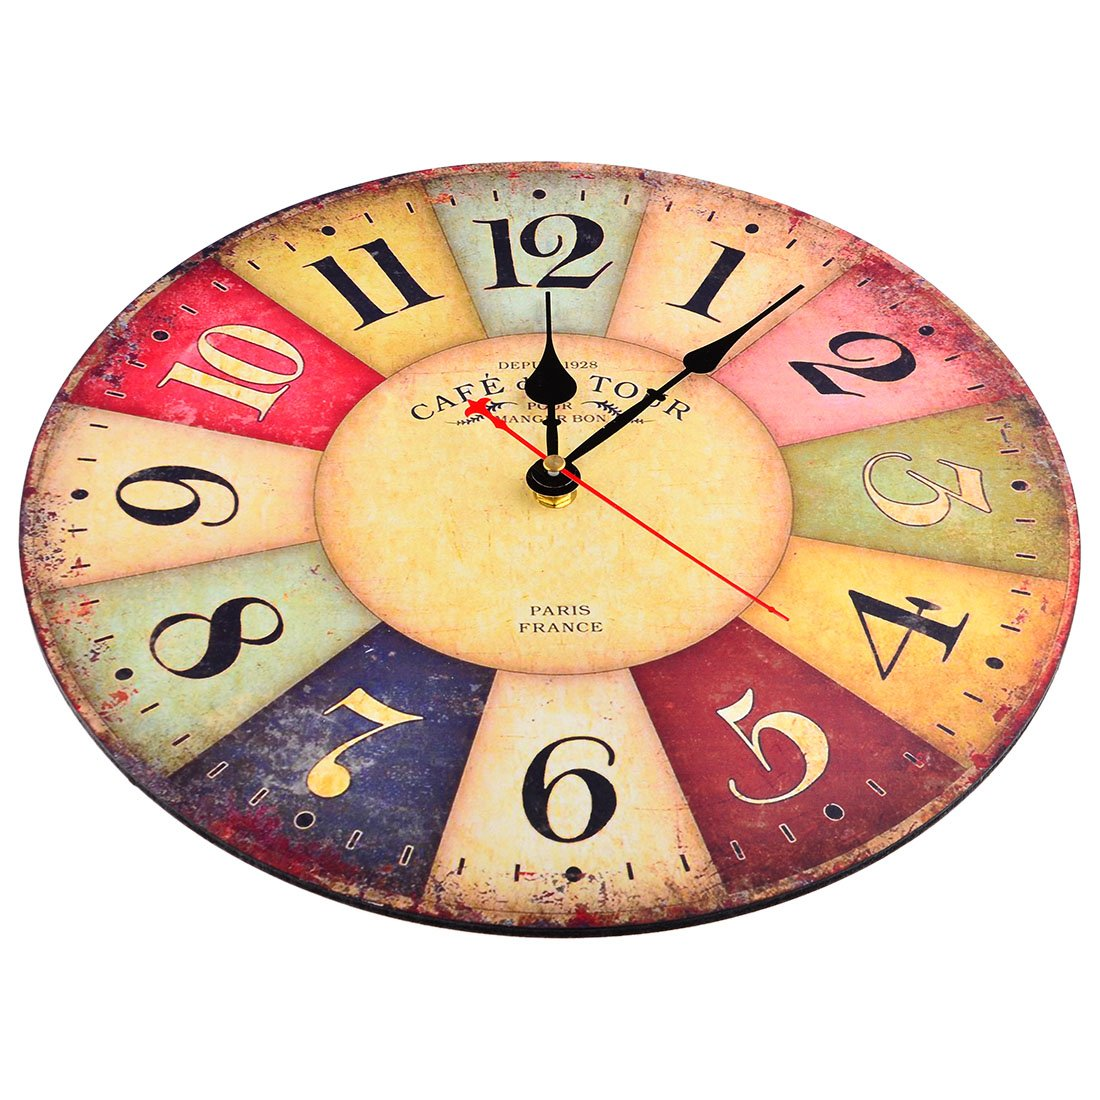 Fine Decorative Wall Clocks Amazon Photos - Art & Wall Decor ...